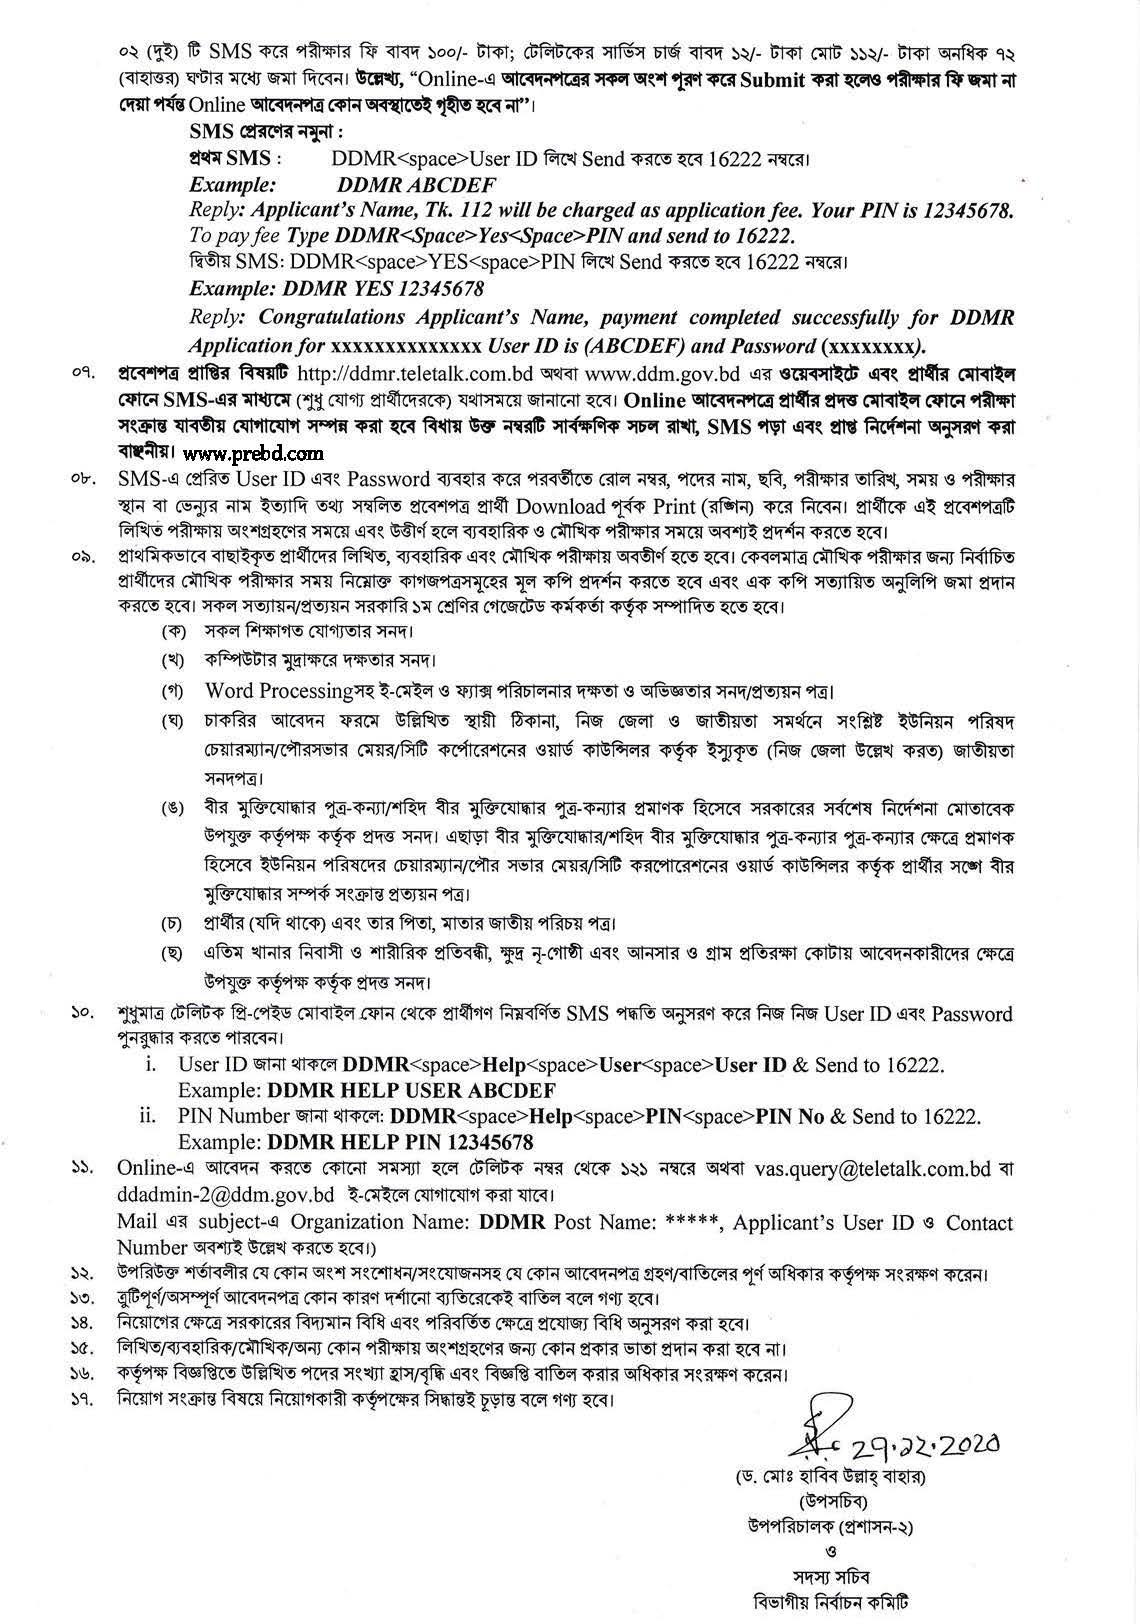 দুর্যোগ ব্যবস্থাপনা অধিদপ্তর (DDM) এ নিয়োগ বিজ্ঞপ্তি ২০২১